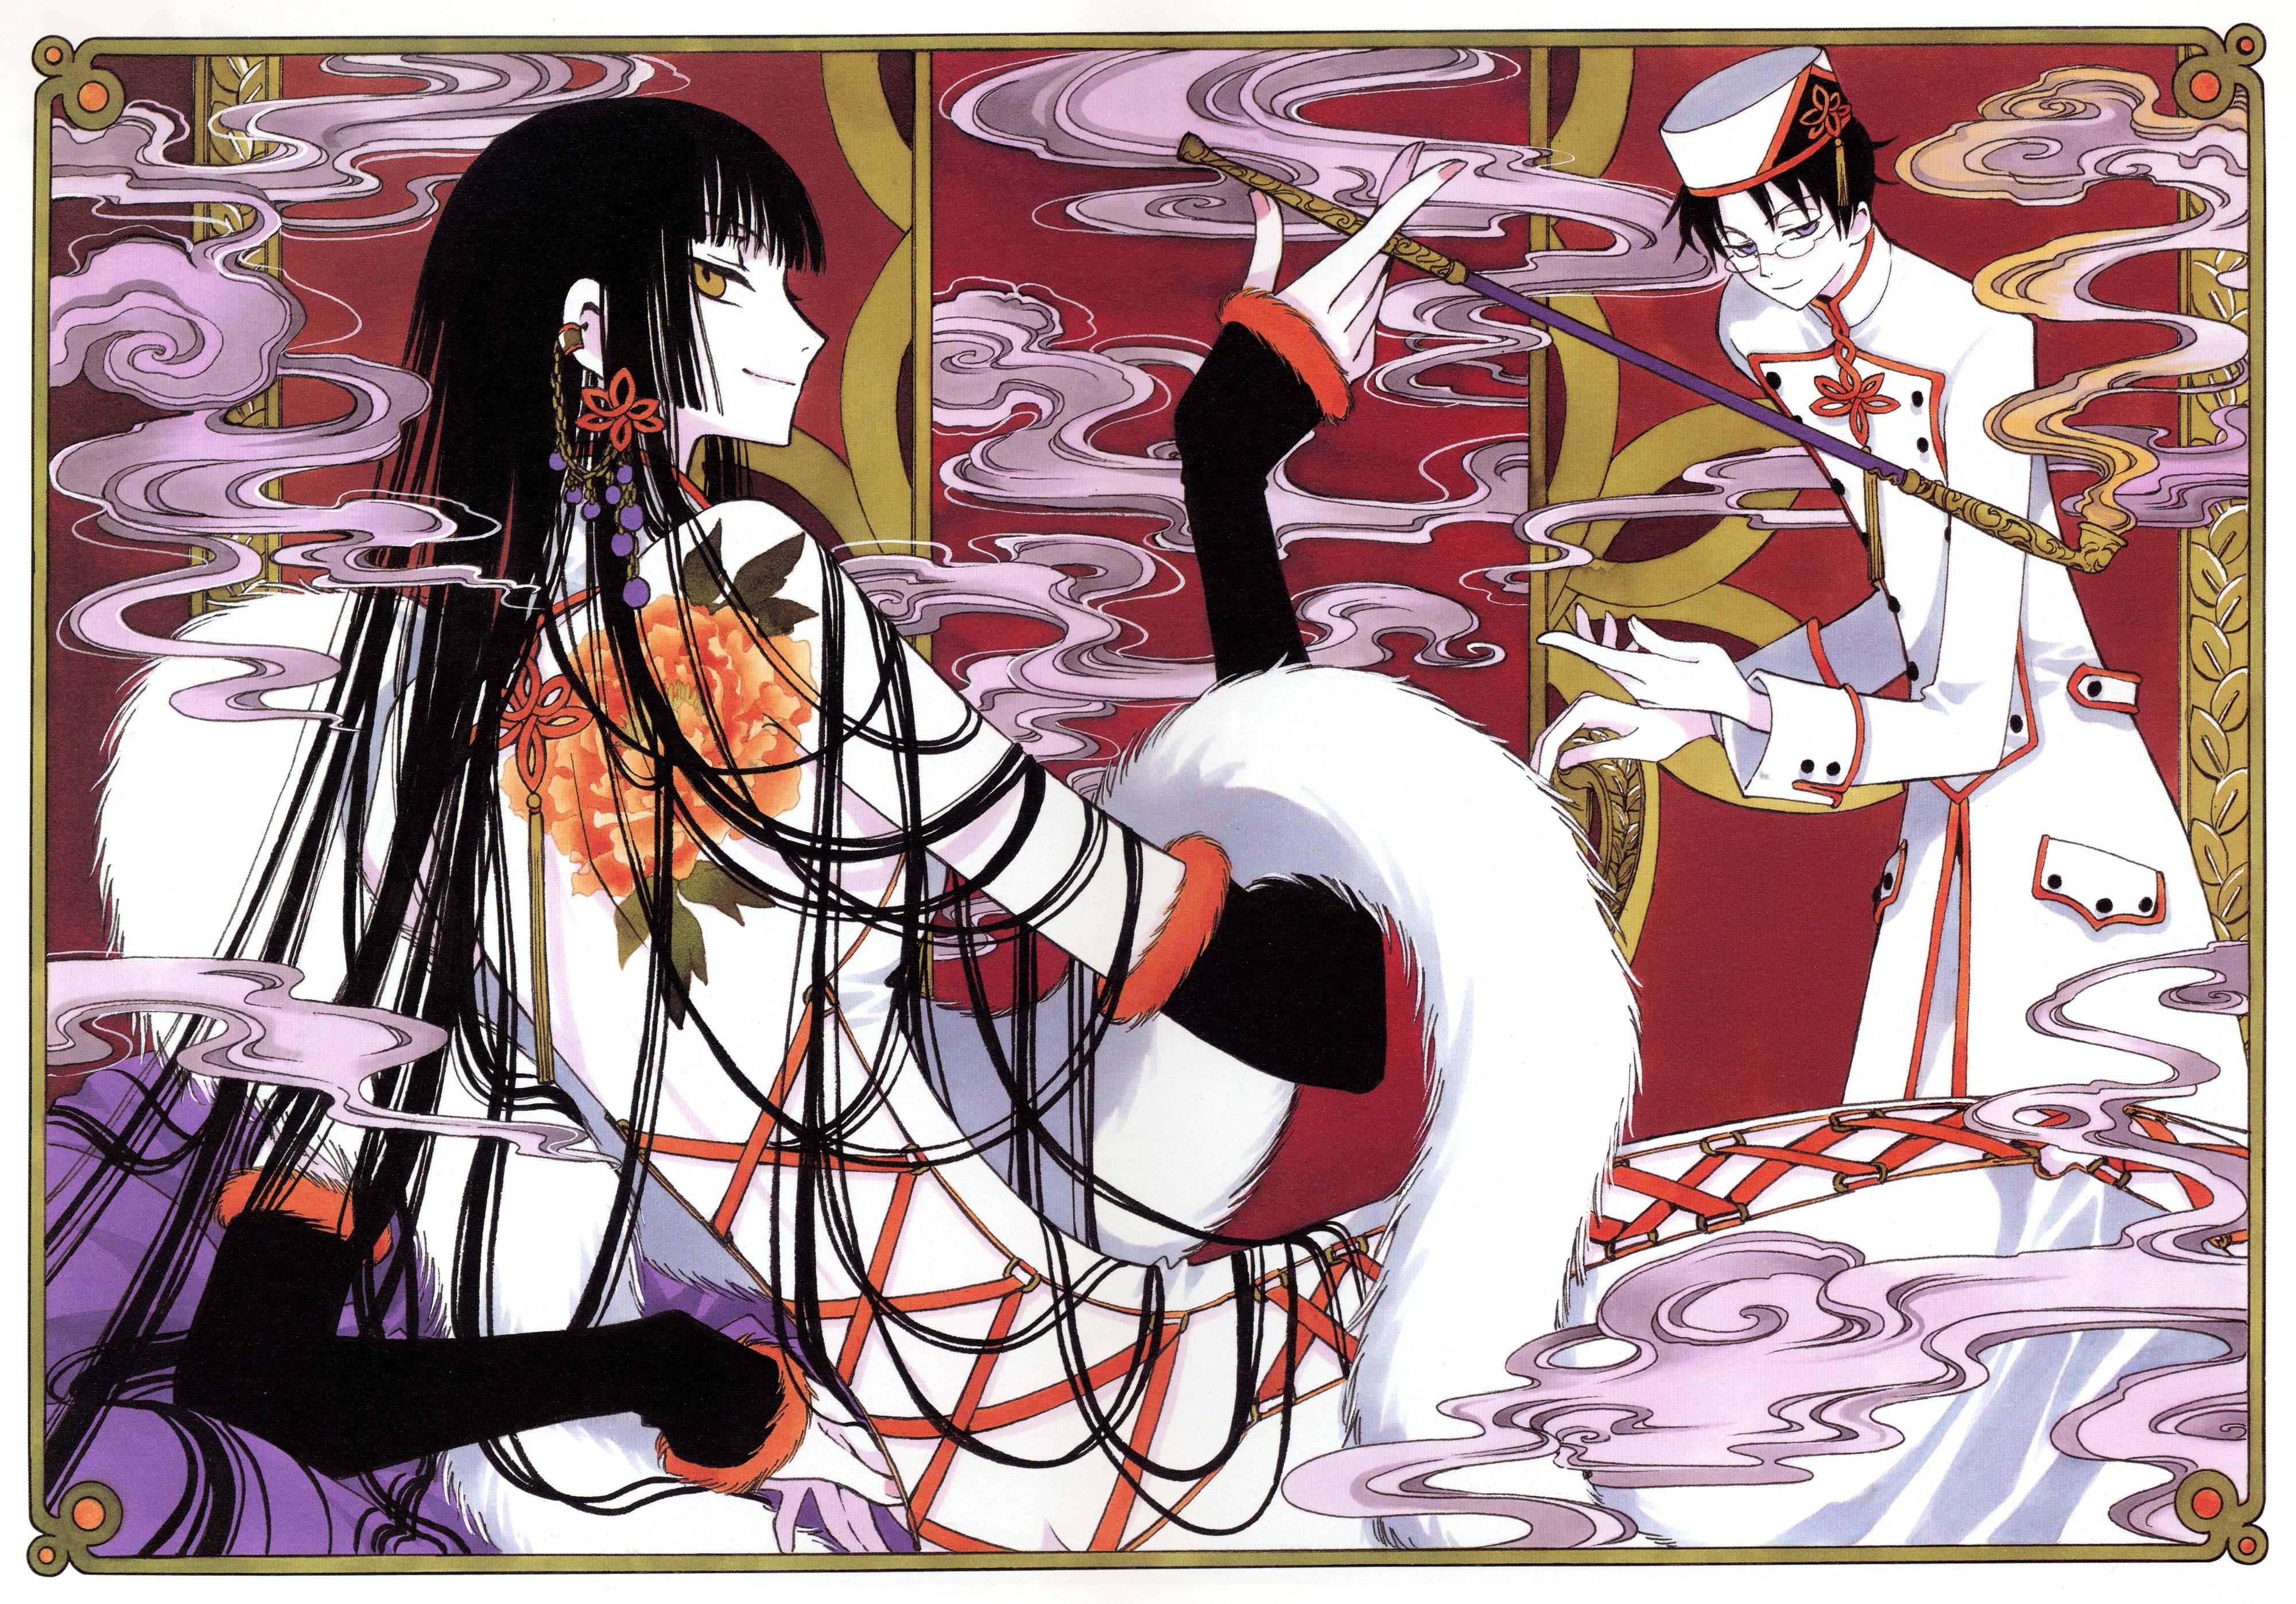 Inspiriert von den Charakter von Yuko Ichihara der Manga von CLAMP XXXholic Kleid Enthält das rote Kleid mit Pailletten und Stickerei Dekorationen grauem Taft Gürtel Hand bemalt handgefärbt roter Seide Gürtel mit goldenen Verzierungen Gürtel mit goldenen Quasten Kimono die satin weiß mit roten Futter rote Halskette handbemalt